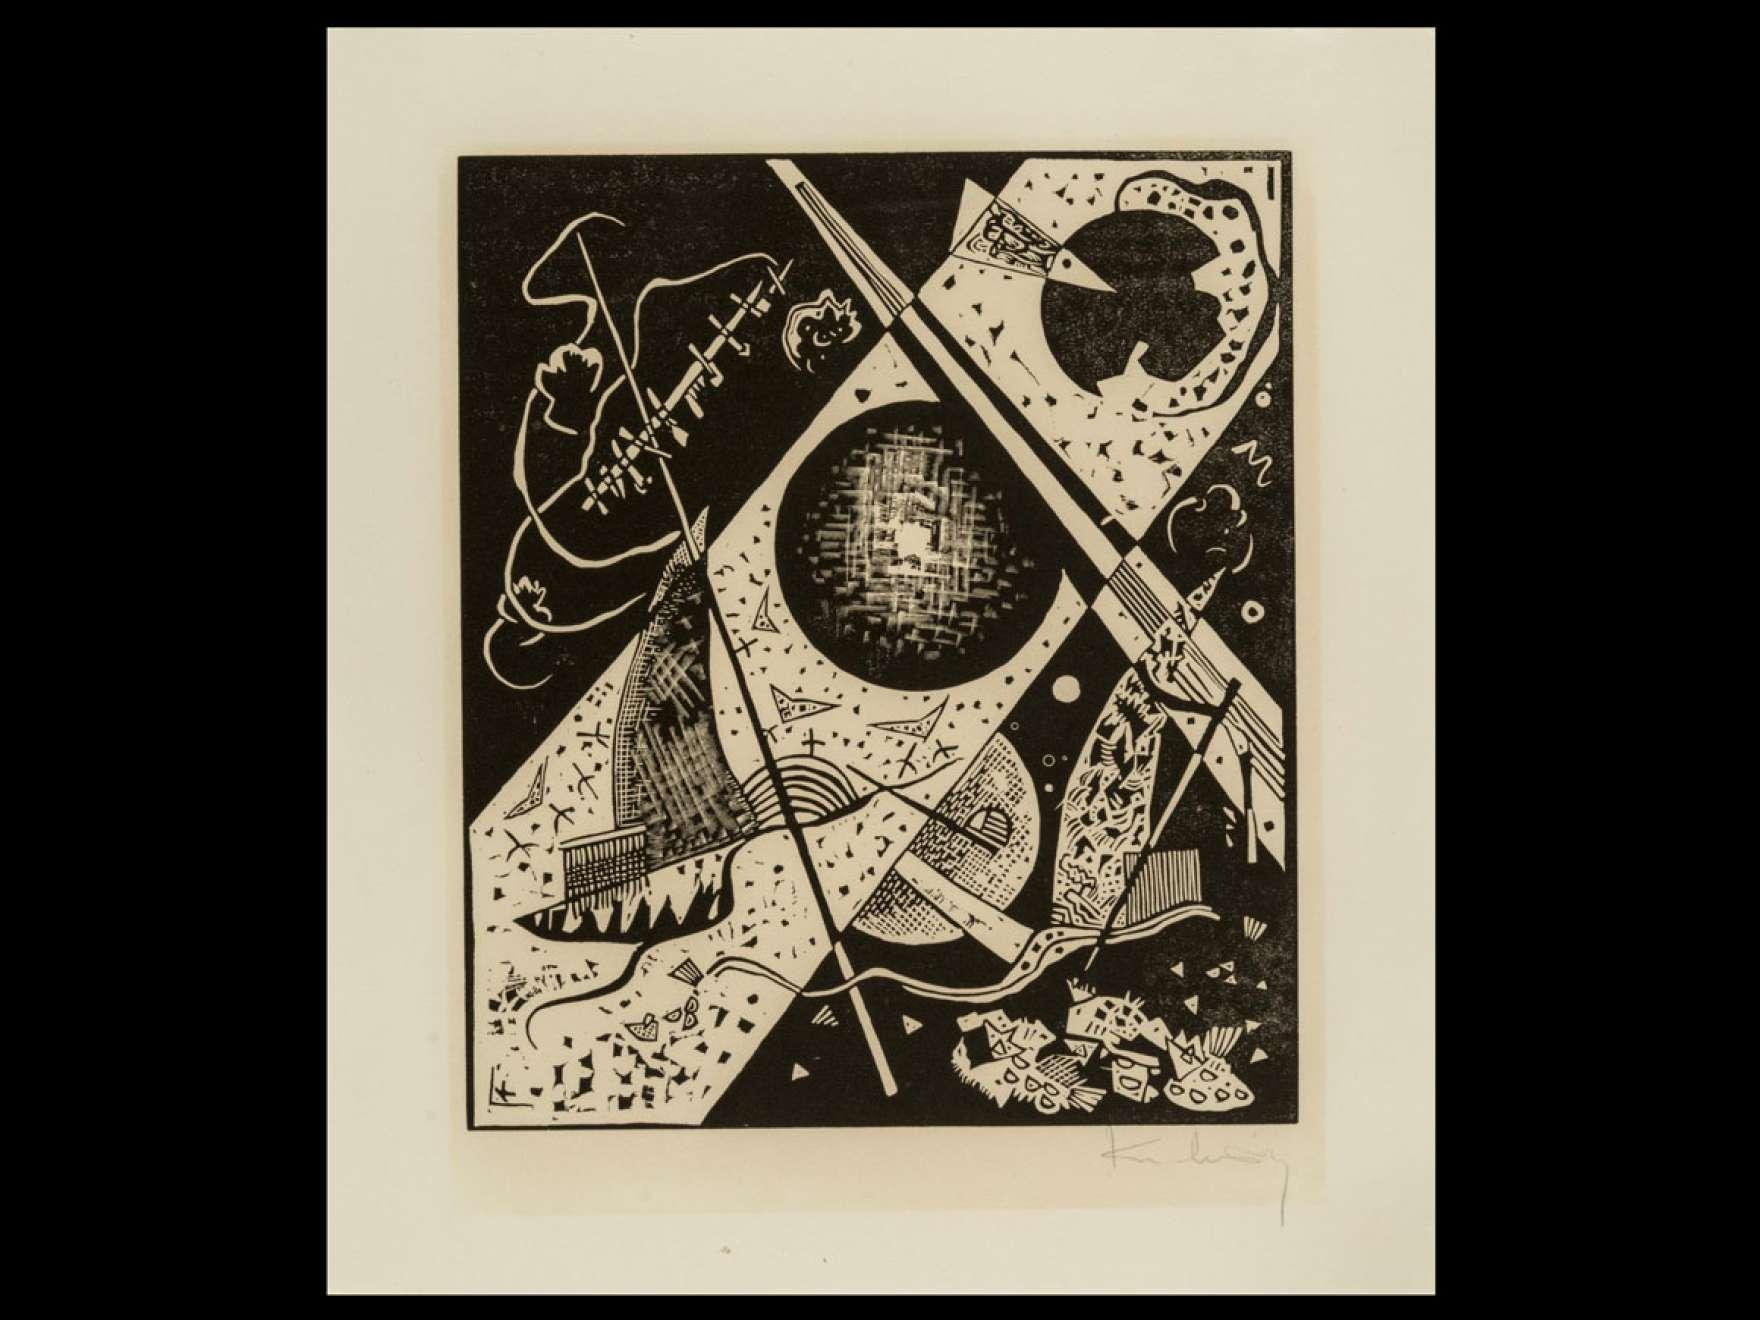 Wassily Kandinsky's print, Kleine Welten VI